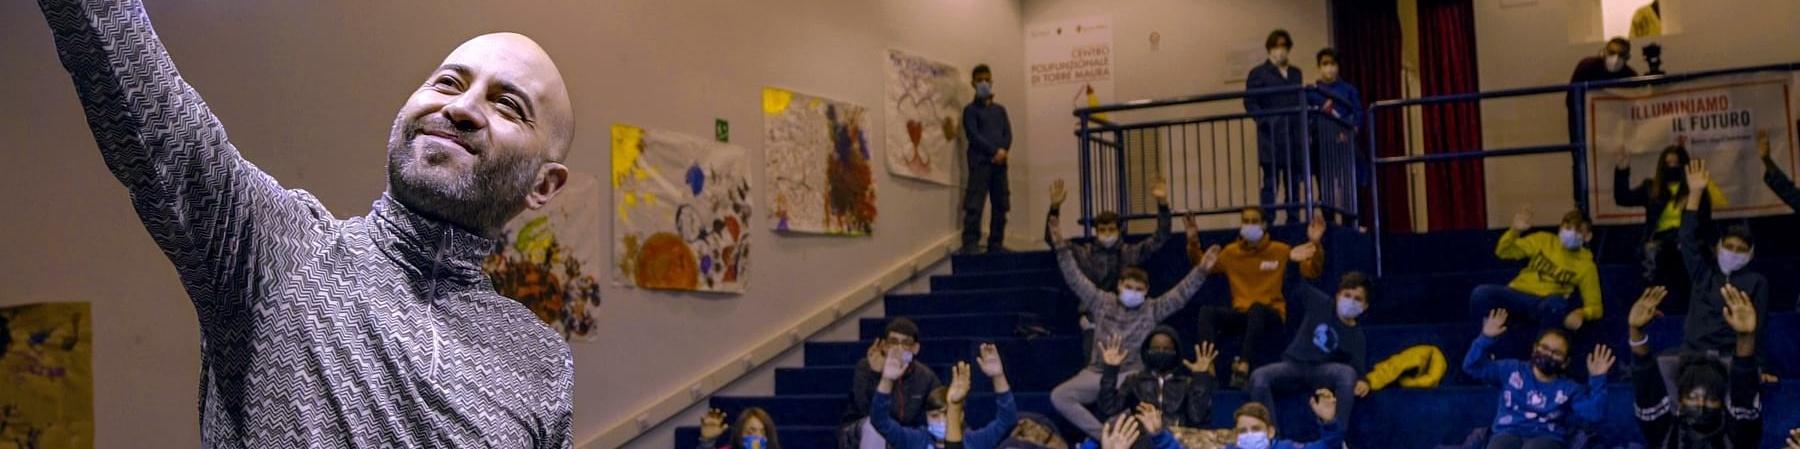 Giuliano Sangiorgi dei negramaro scatta un selfie con i bambini di uno dei punti luce save the children a roma